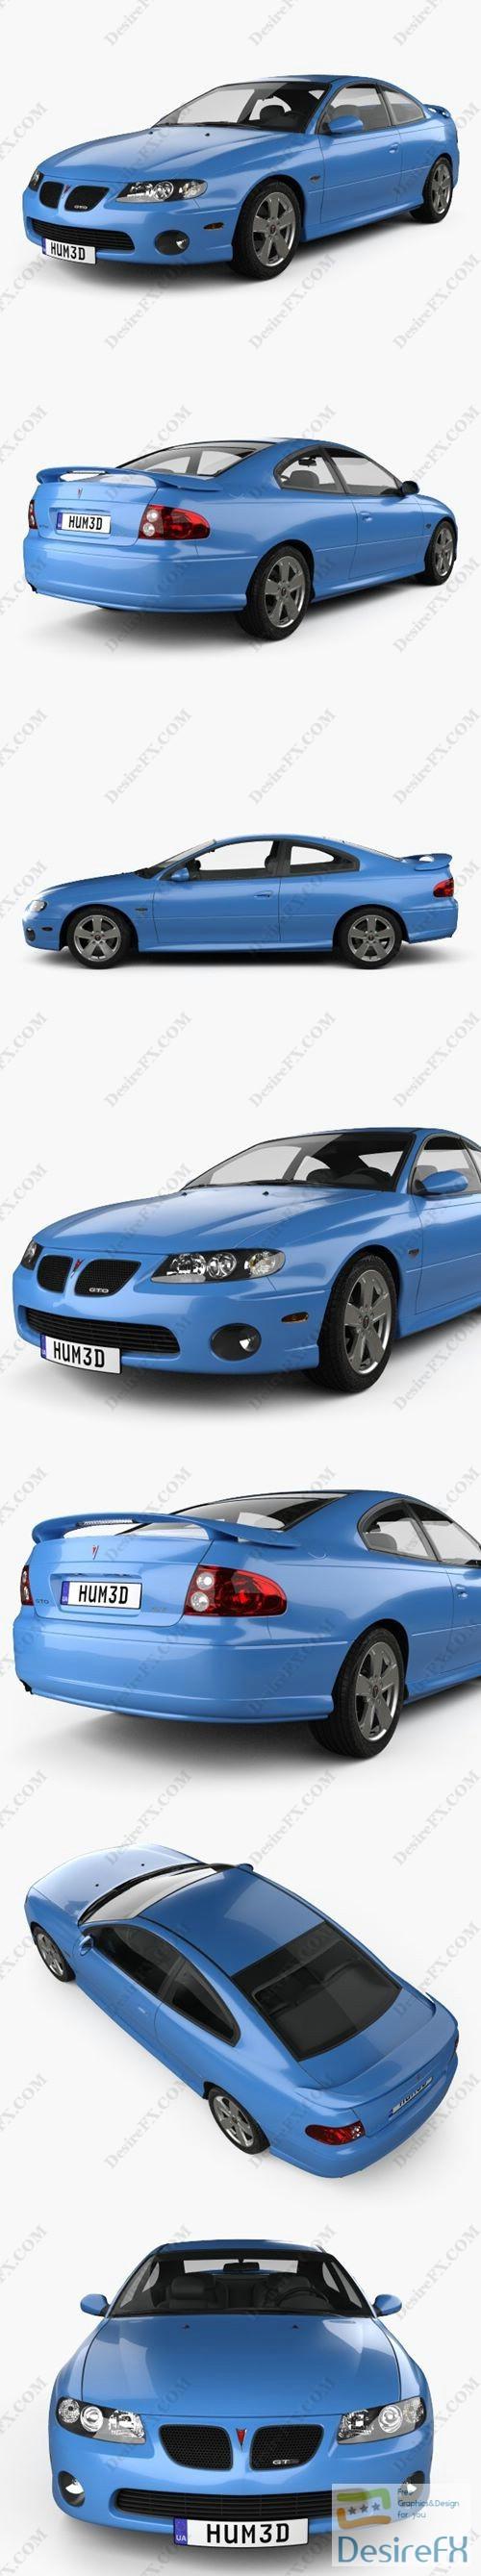 Pontiac GTO 2003 3D Model